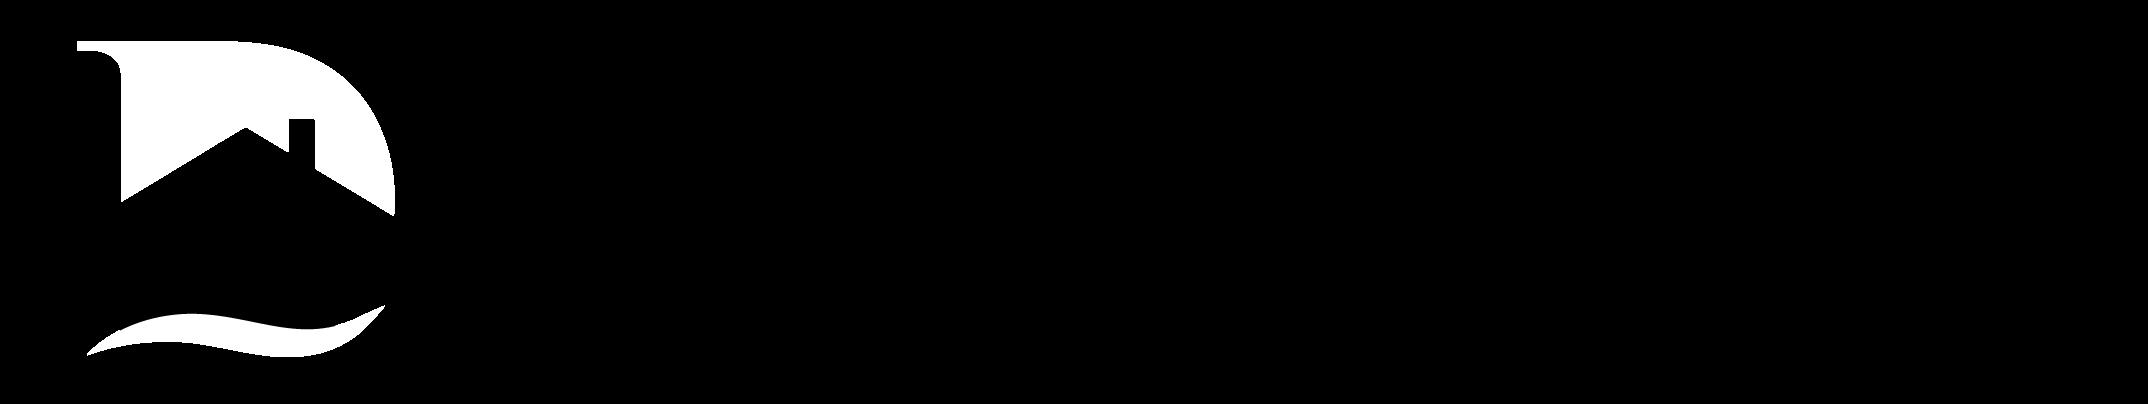 Dilbeek Serfgoed